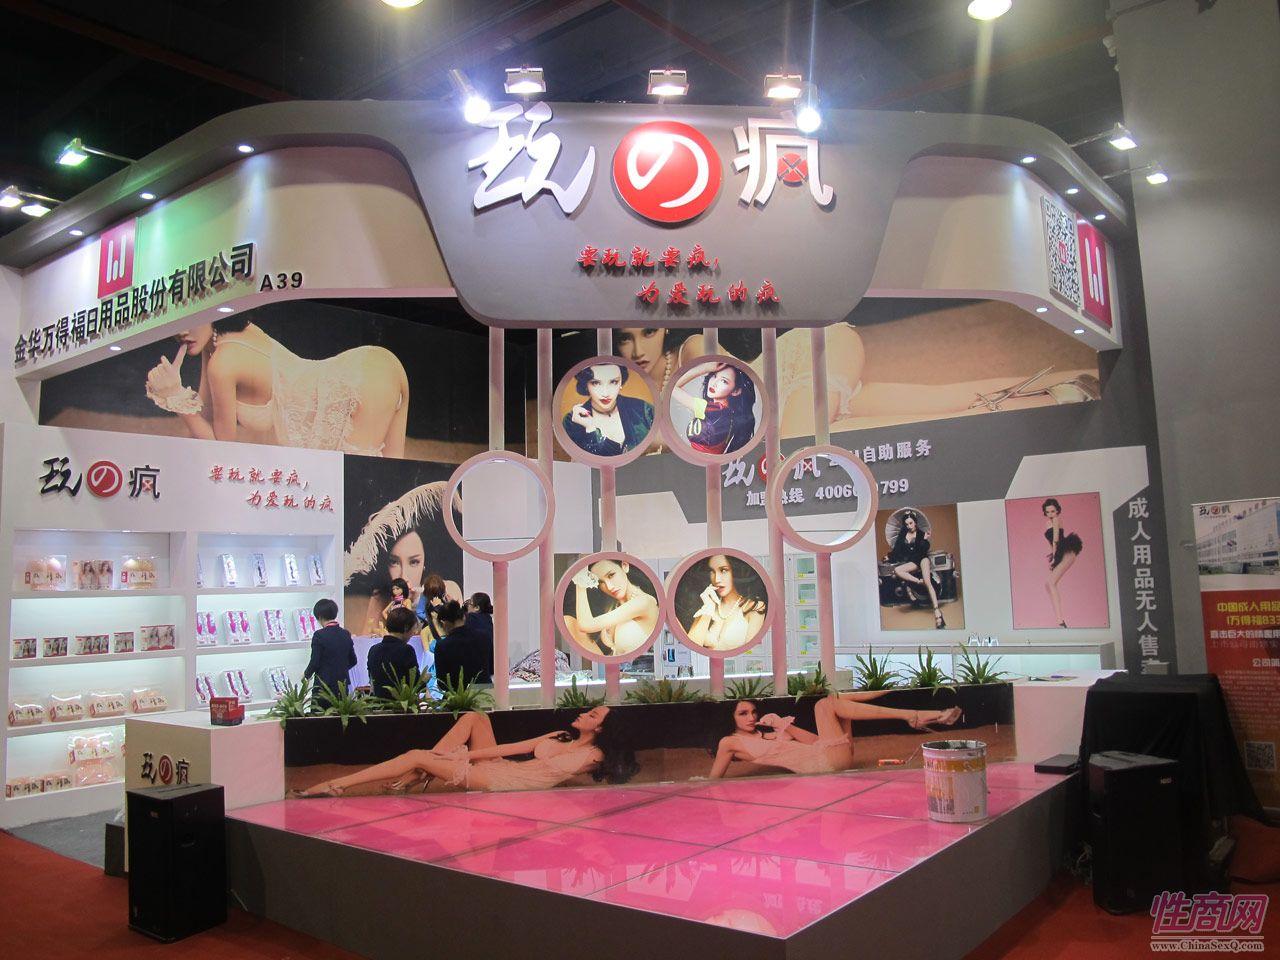 2016第十八届广州性文化节――参展企业1图片29